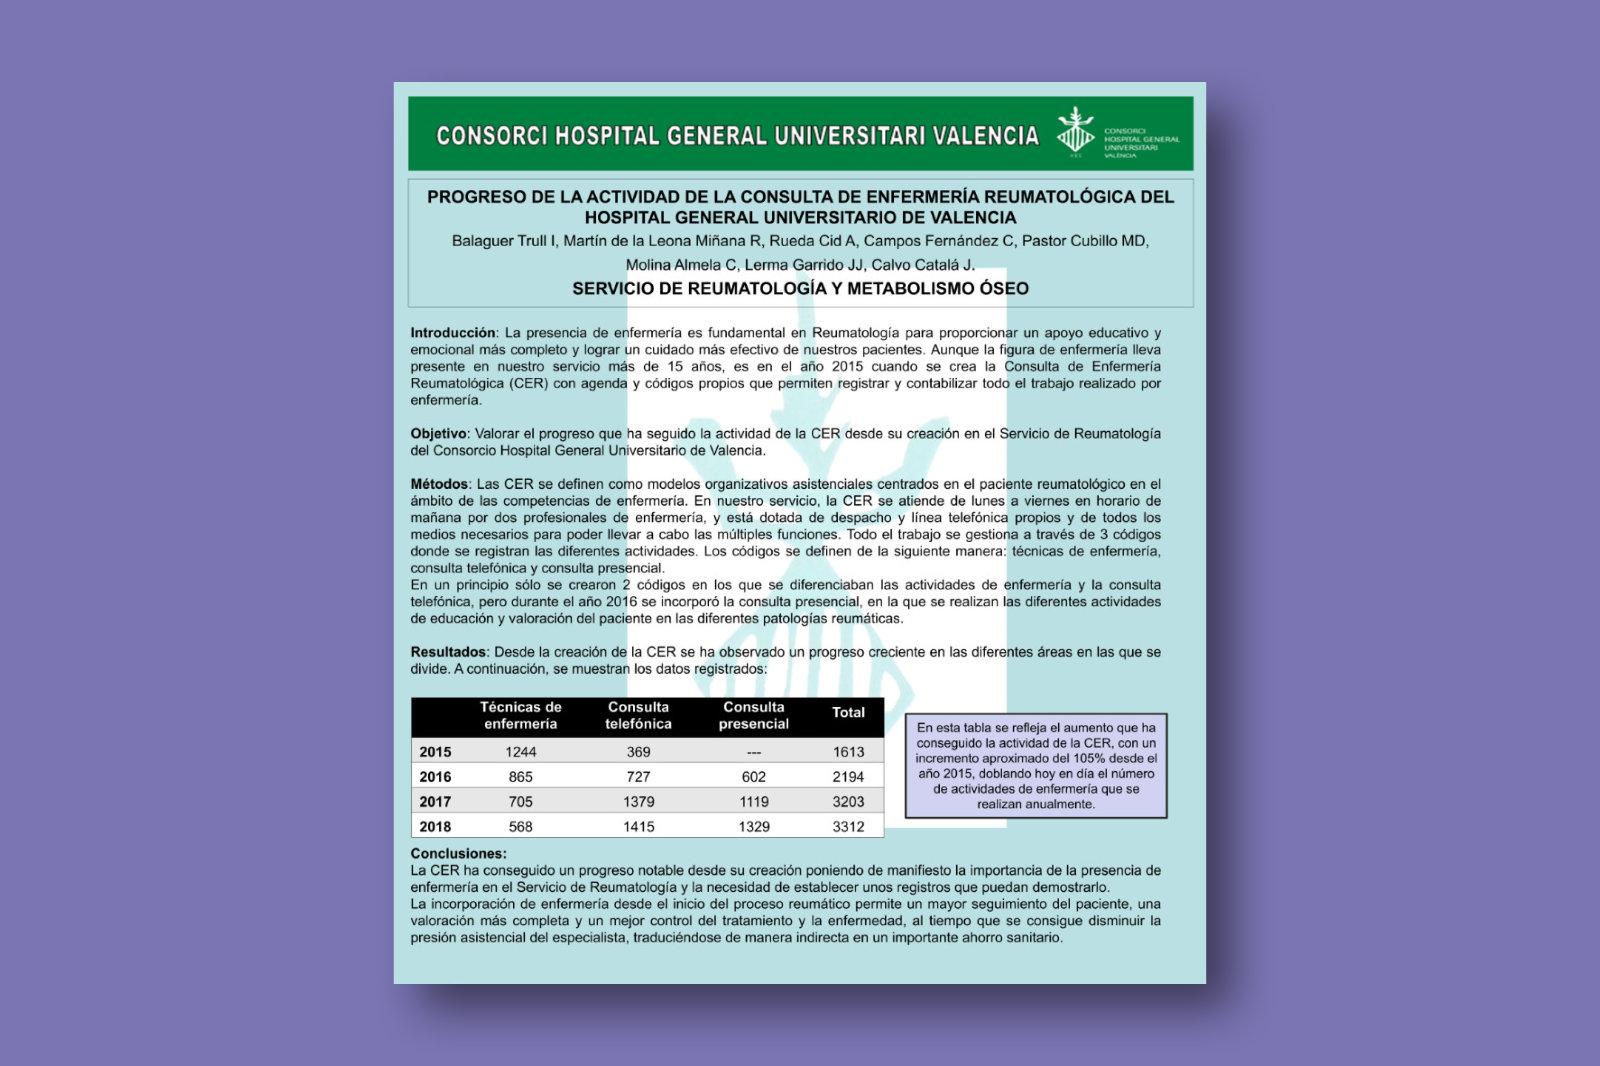 Progreso de la actividad de la consulta de enfermería reumatológica del Hospital General Universitario de Valencia